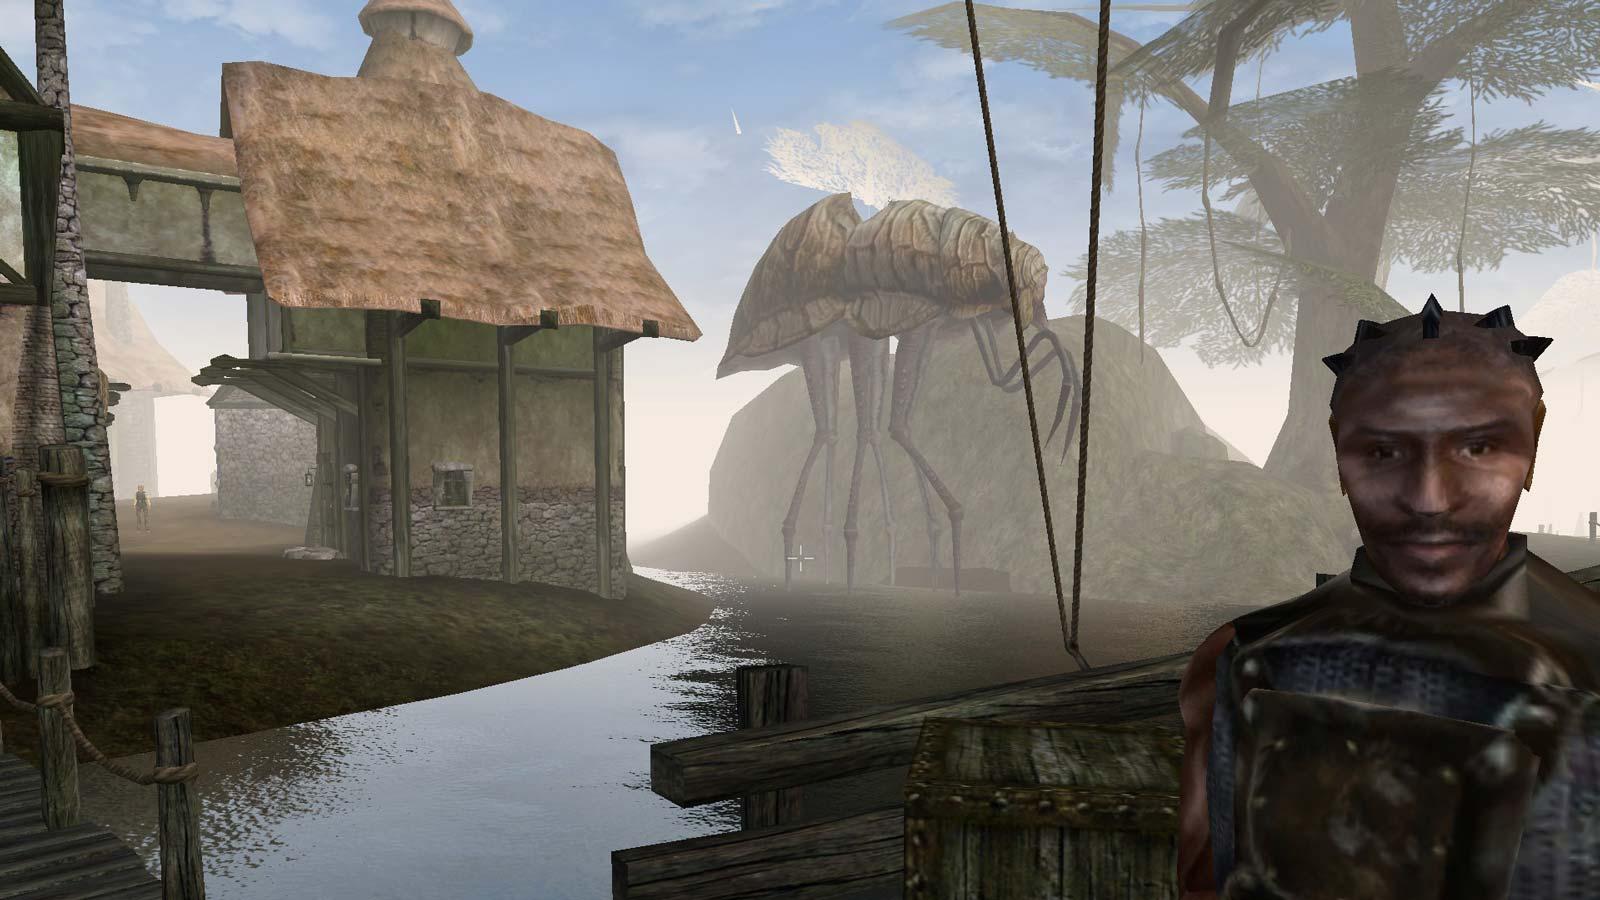 Une capture d'écran de Morrowind. Non, ce n'est pas pour rien que je souhaite une version remastérisée.